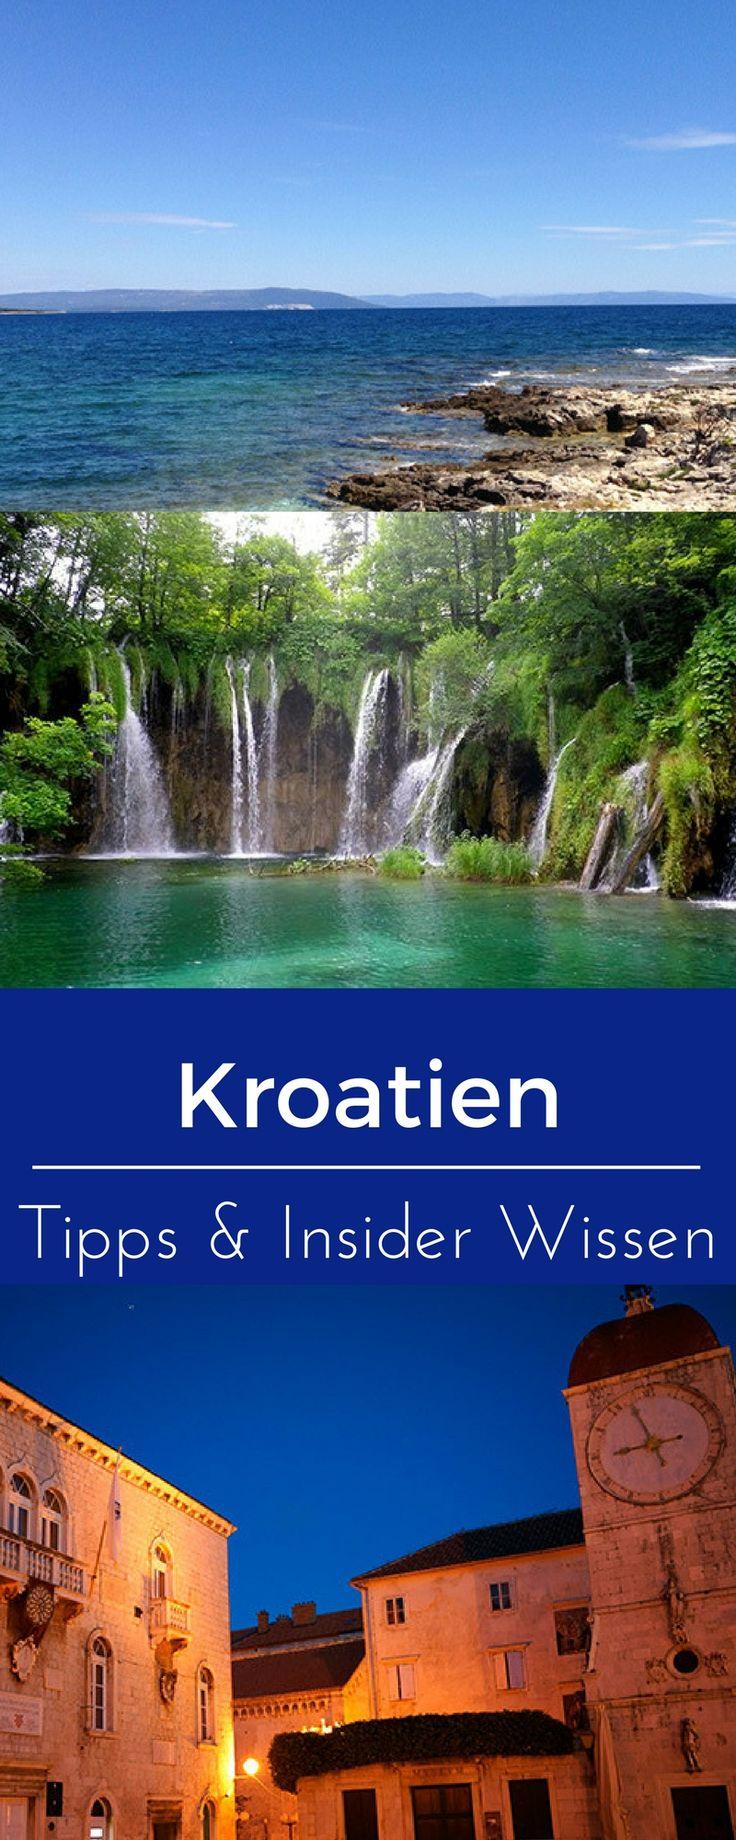 Tipps & Insider Wissen